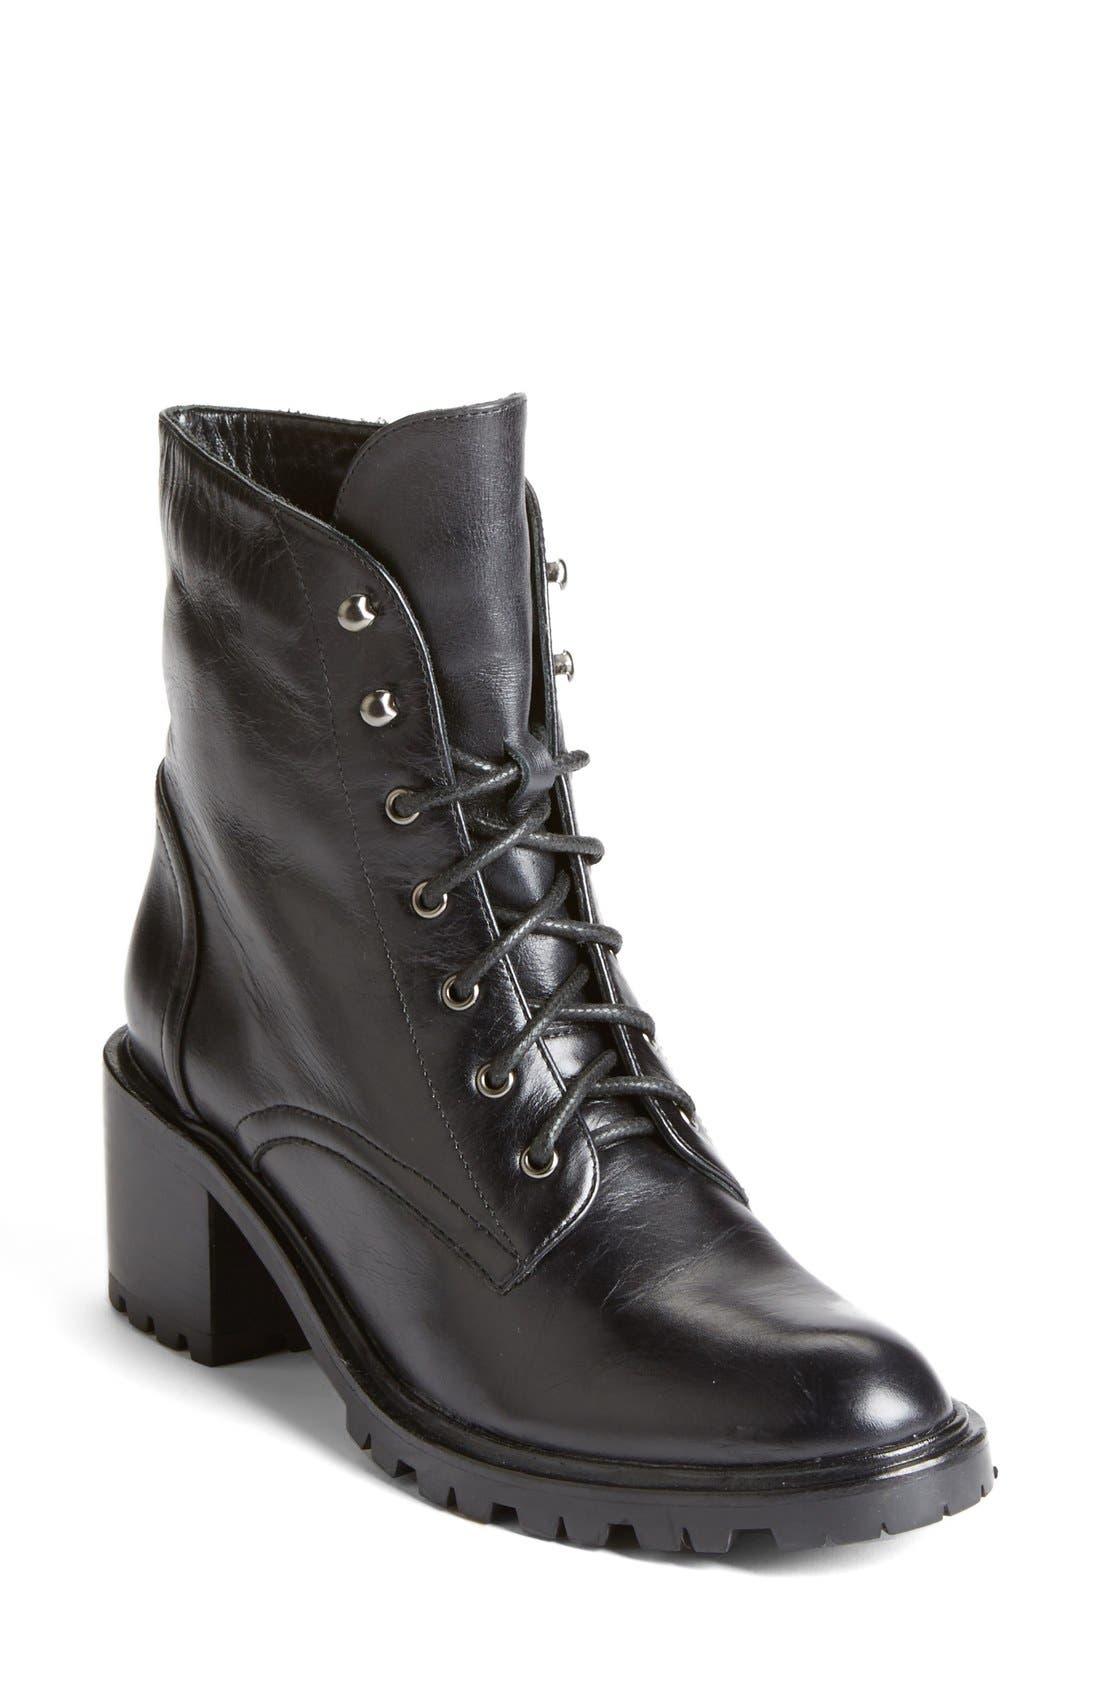 Main Image - Joie 'Bridgette' Lace-Up Boot (Women)